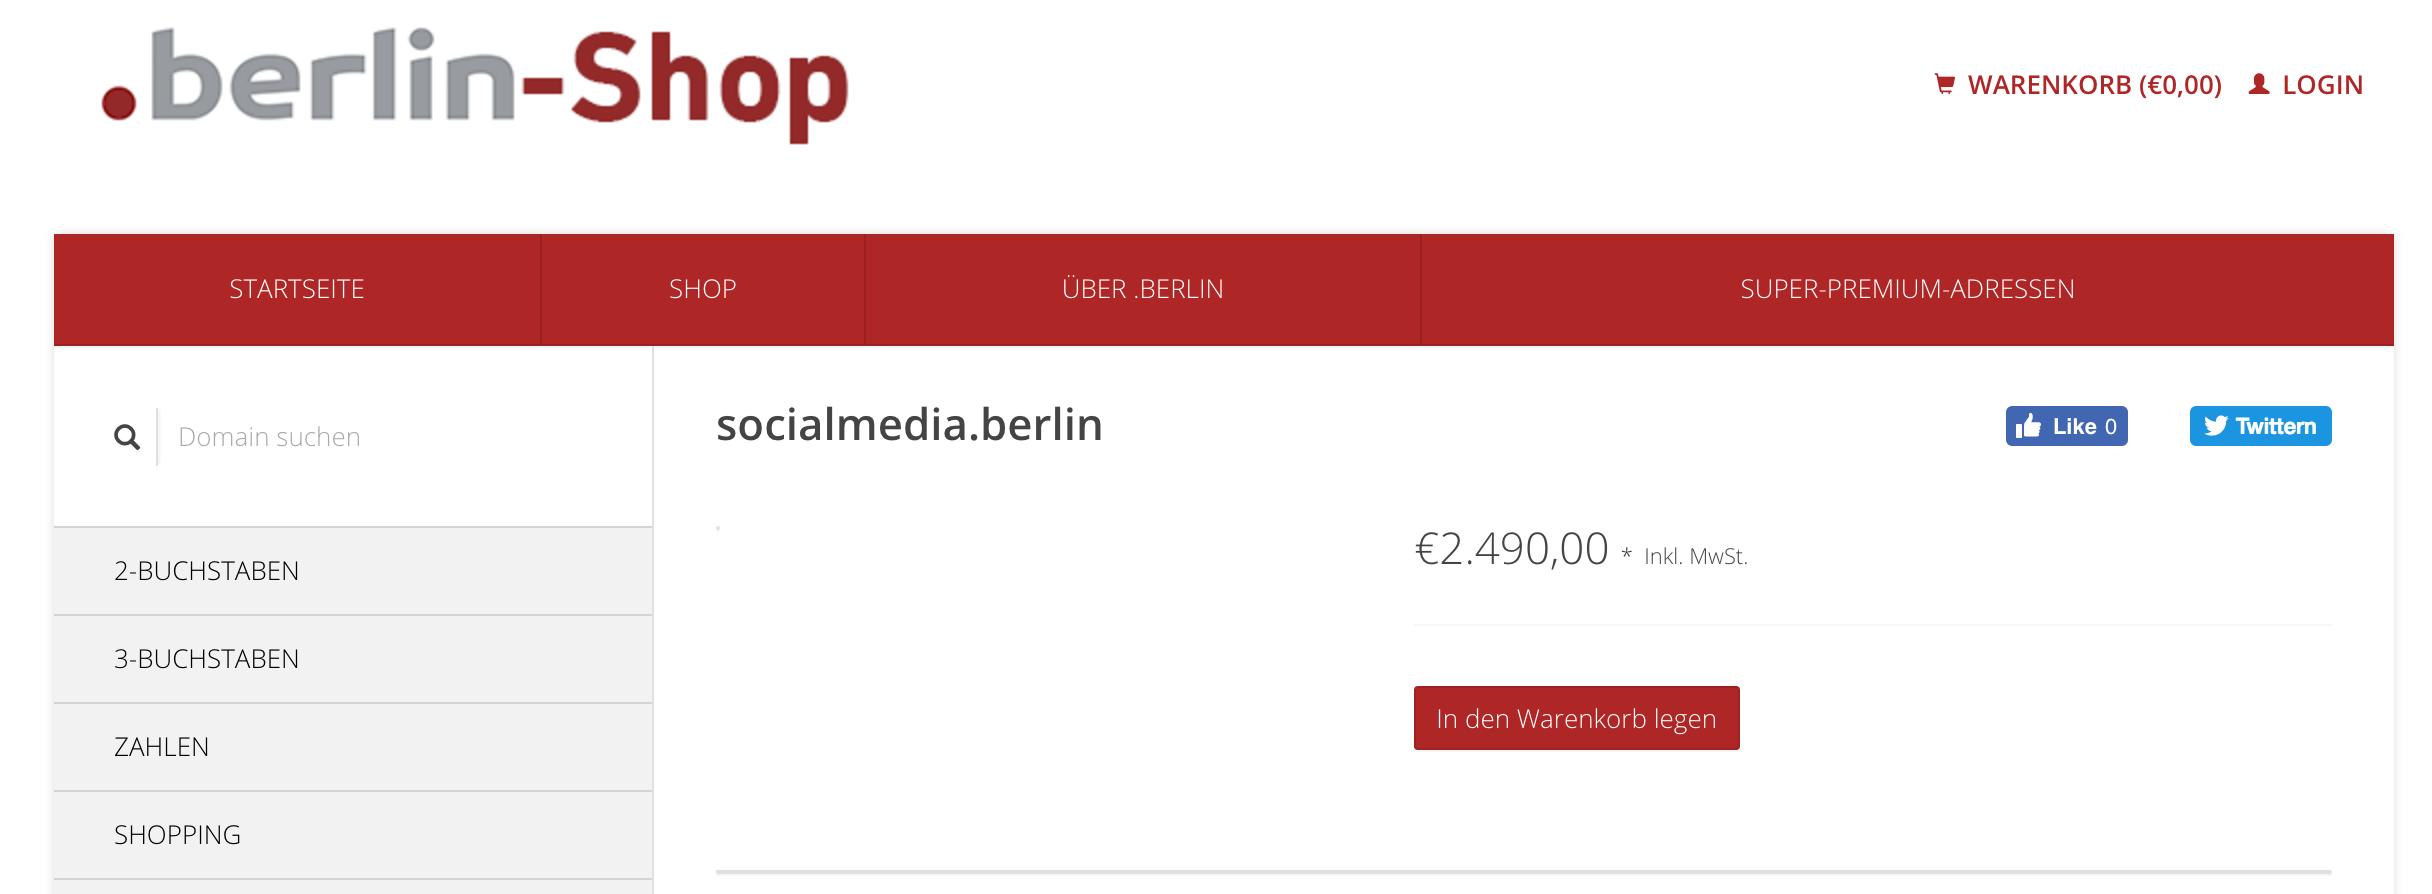 punkt-berlin-shop